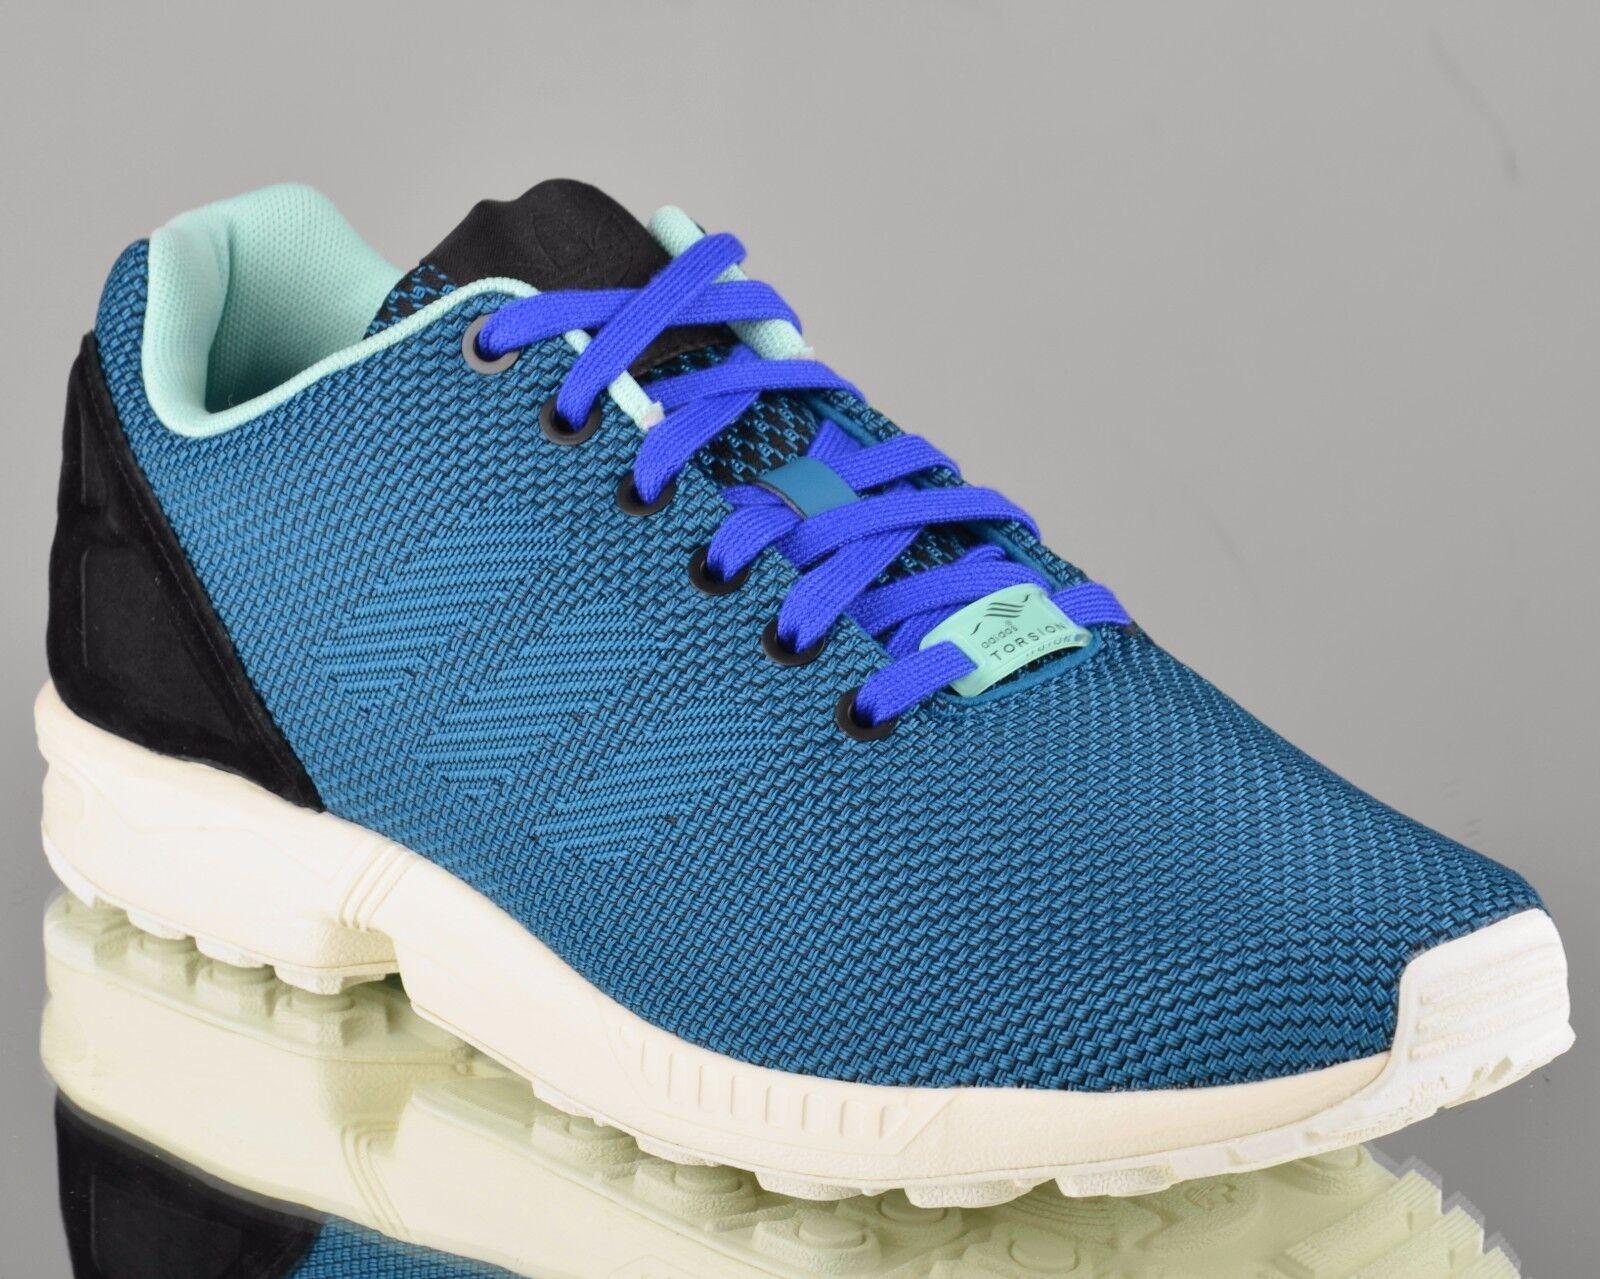 Adidas Original Zx Flux Moyen de tissage Messieurs Lifestyle paniers Aquamarin